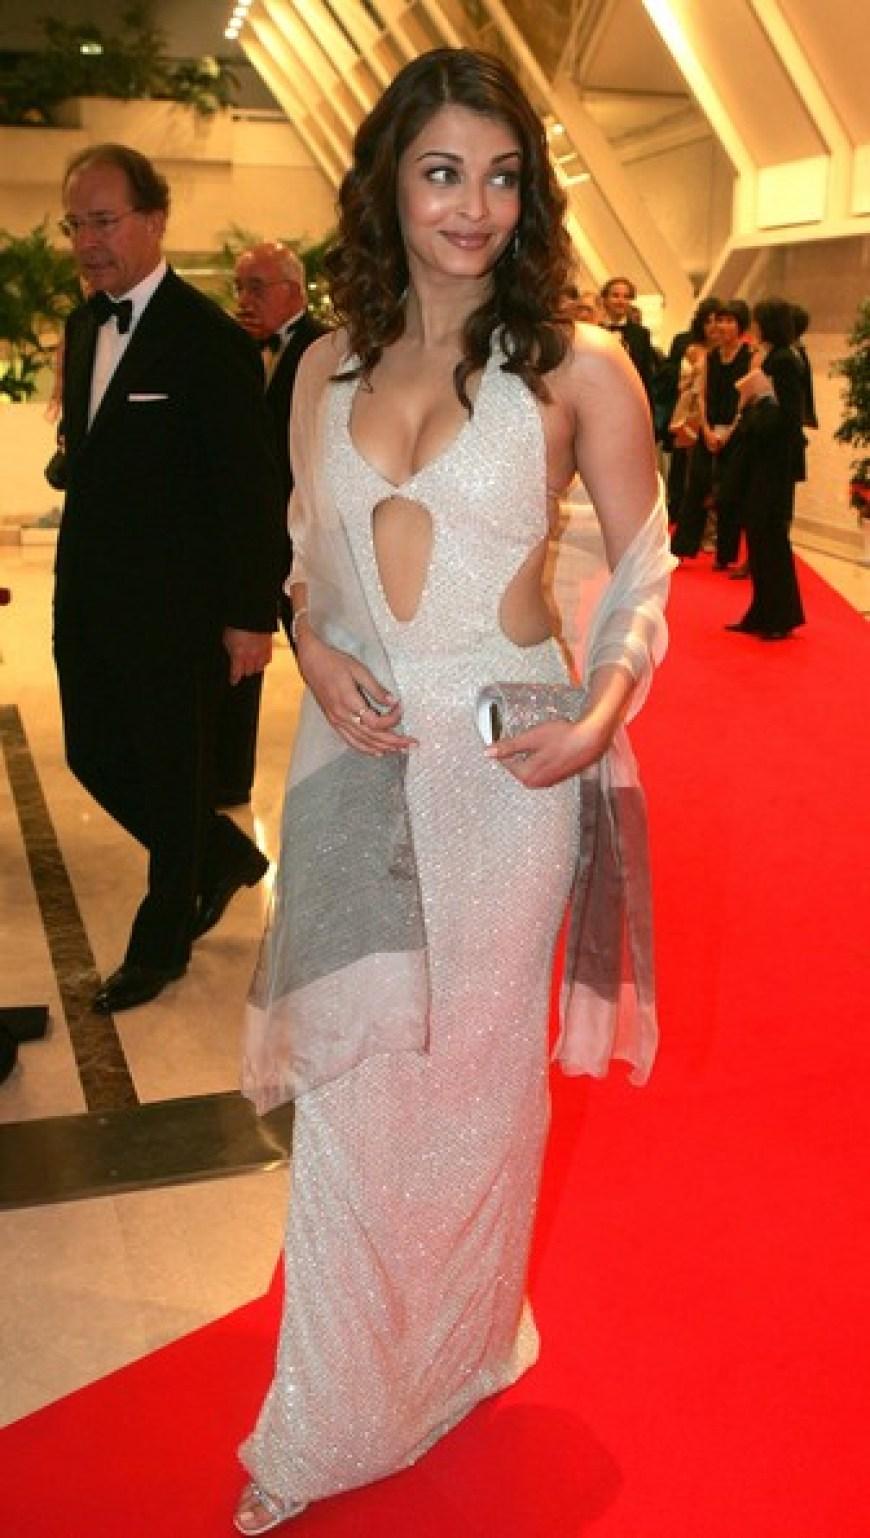 इन अभिनेत्रियों के एक्टिंग की दुनिया है दीवानी पर ड्रेस की वजह से हुई ट्रोल